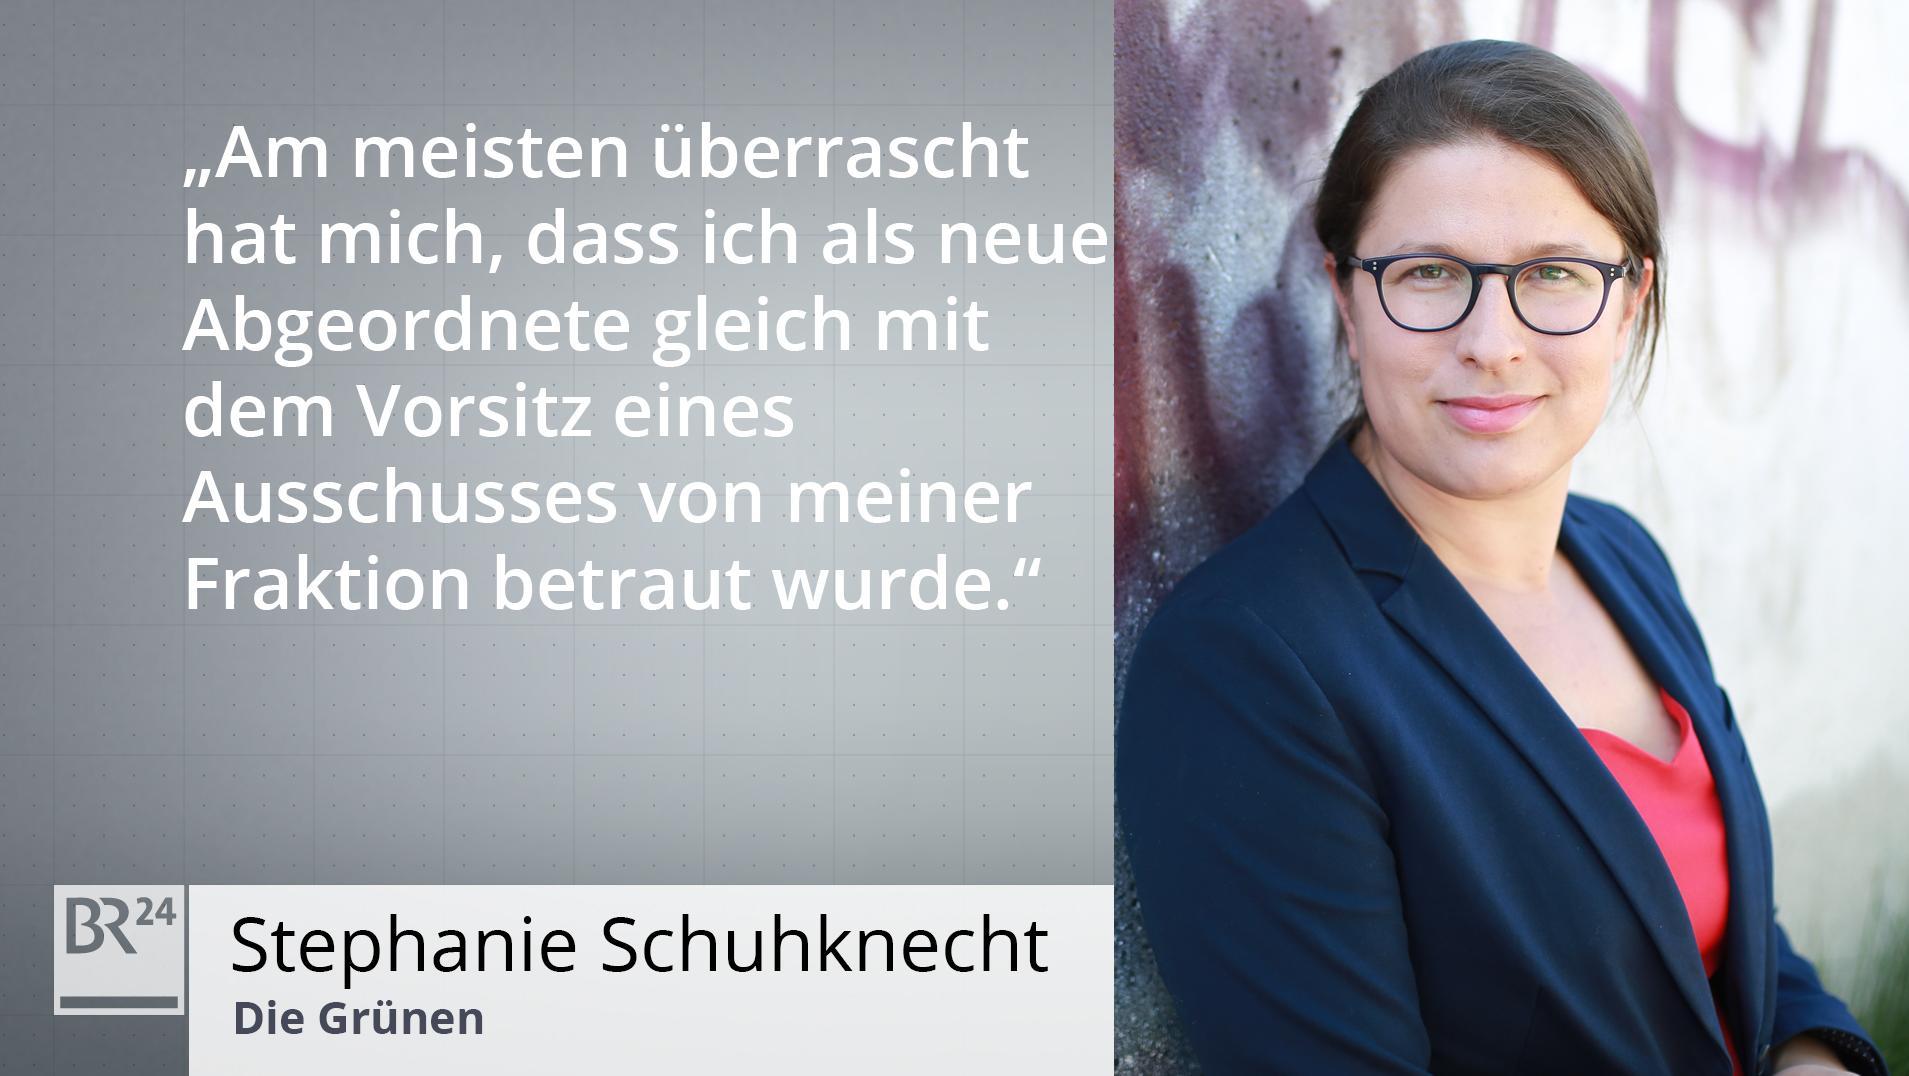 Portrait Stephanie Schuhknecht